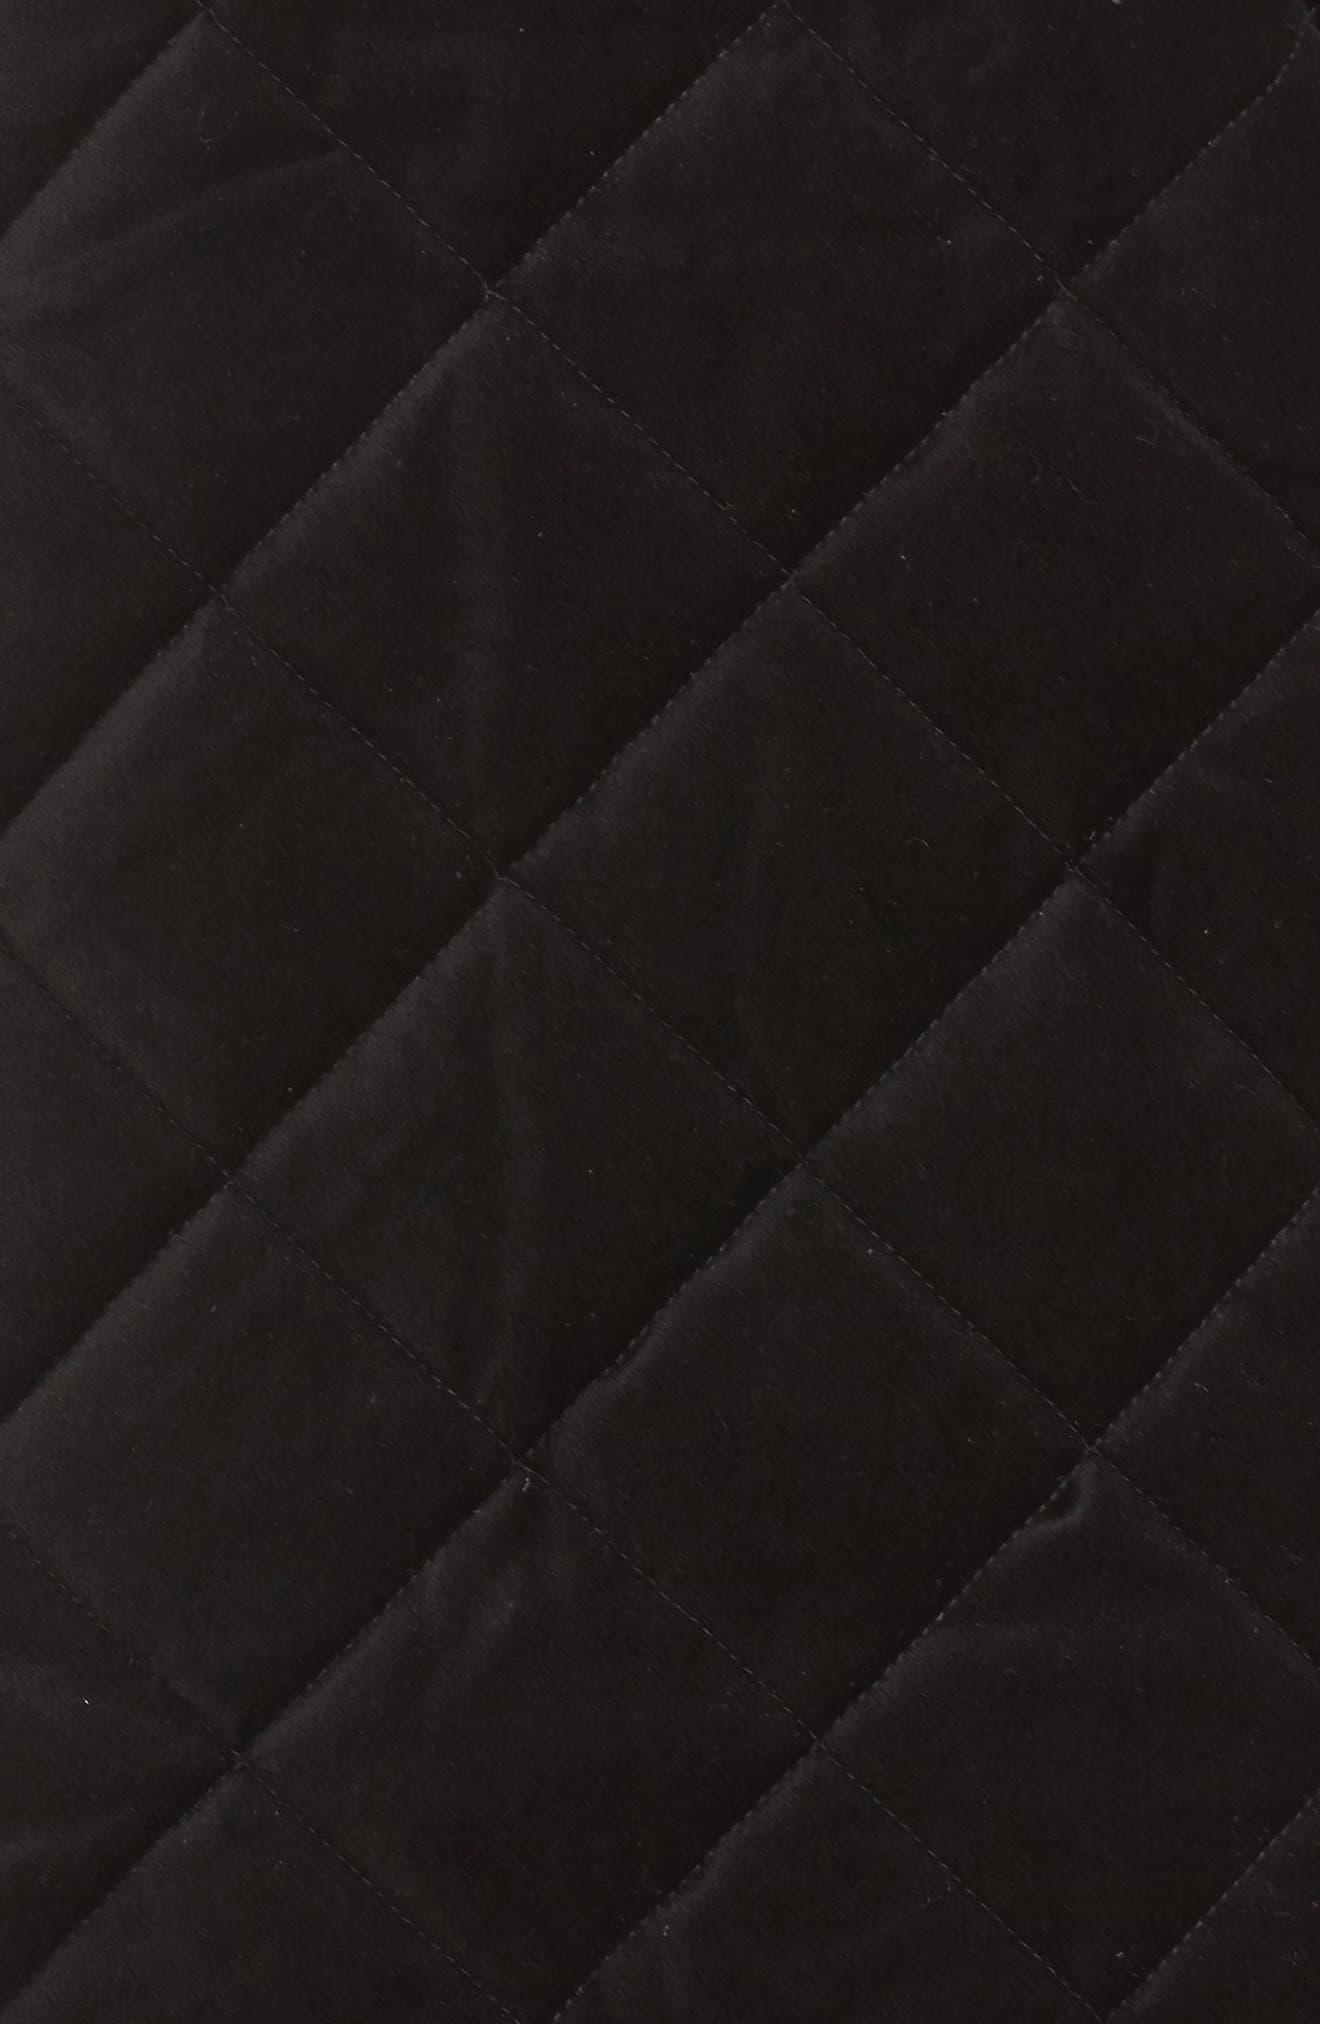 Lena Quilted Velvet Vest,                             Alternate thumbnail 5, color,                             Black